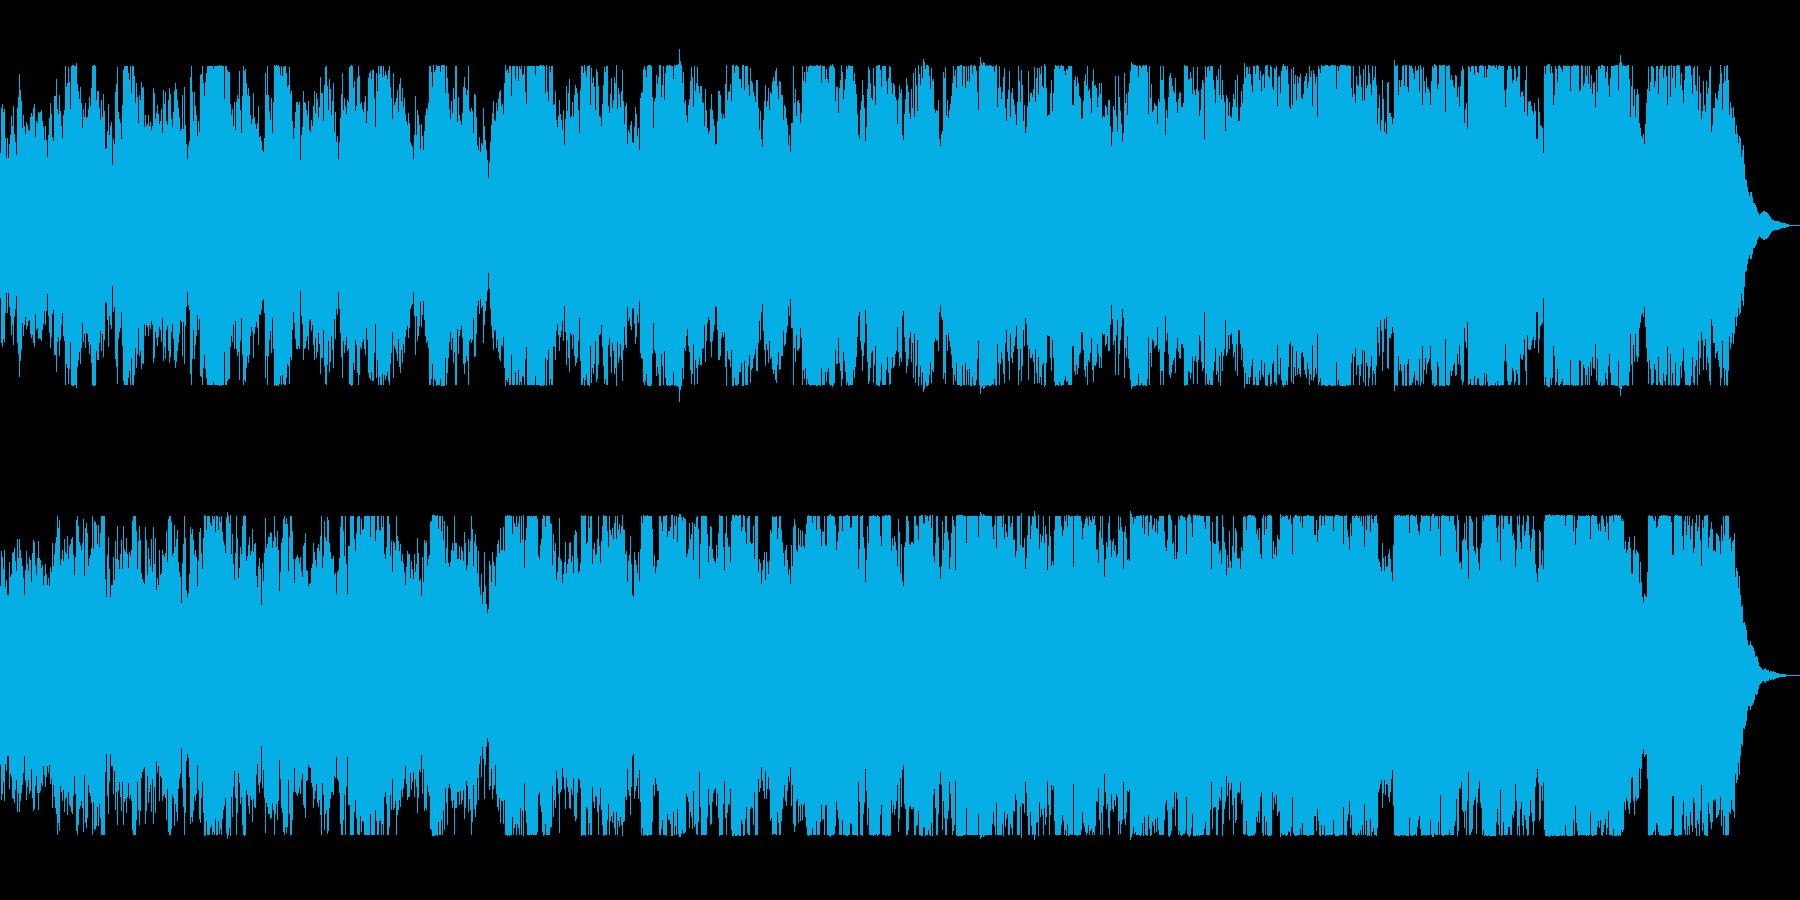 躍動感のあるオーケストラファンタジーの再生済みの波形